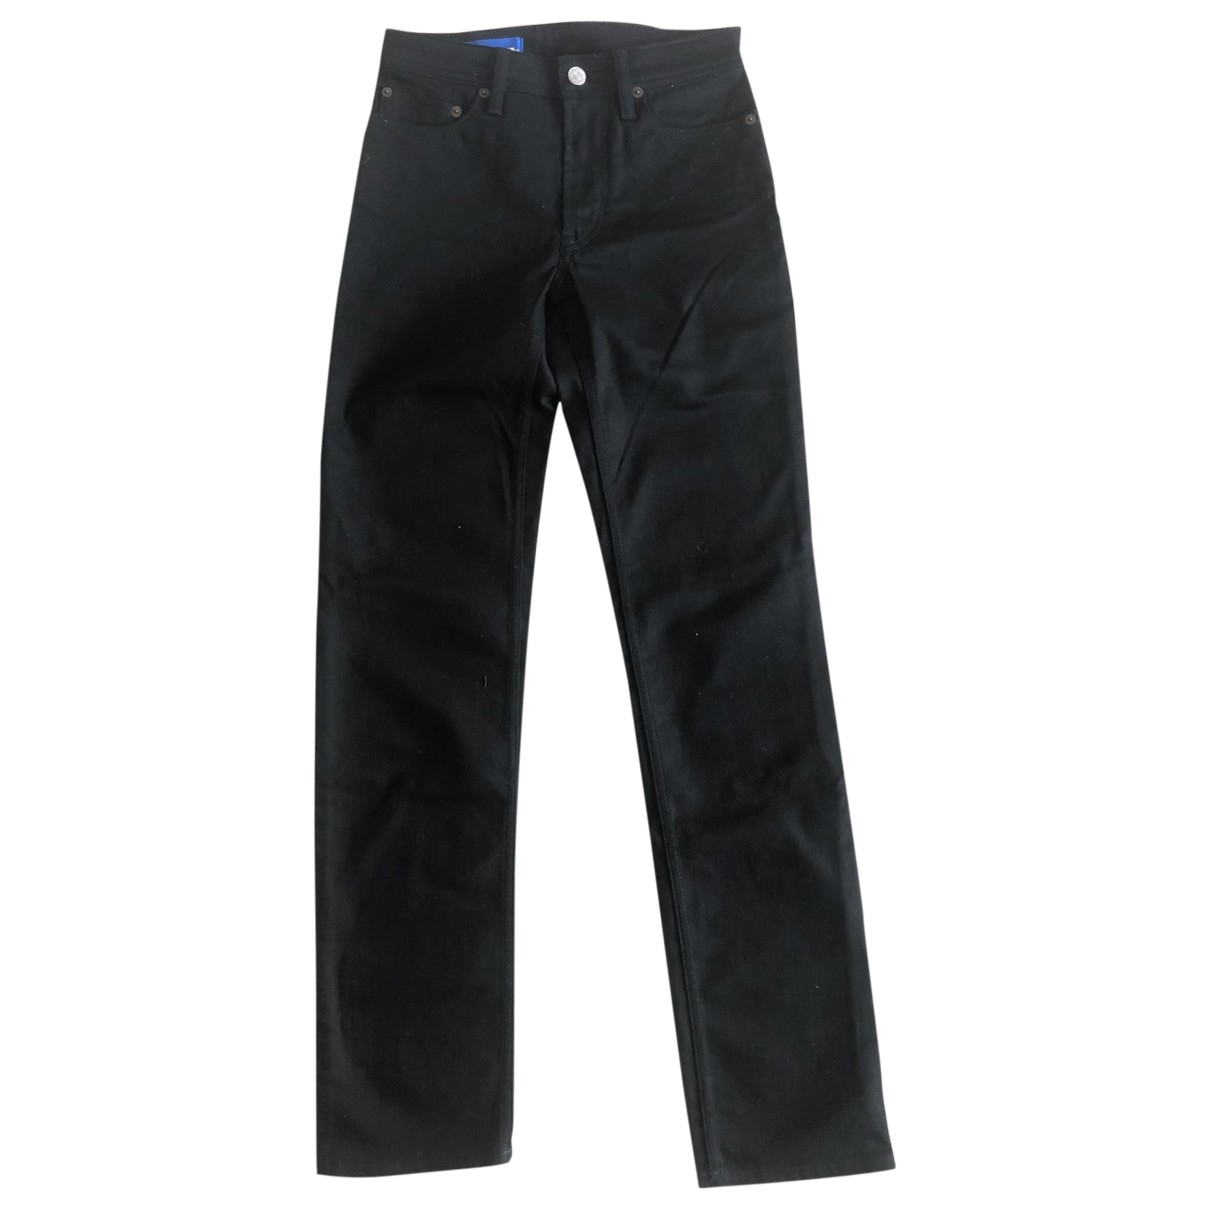 Acne Studios Blå Konst Black Cotton Jeans for Women 32 FR